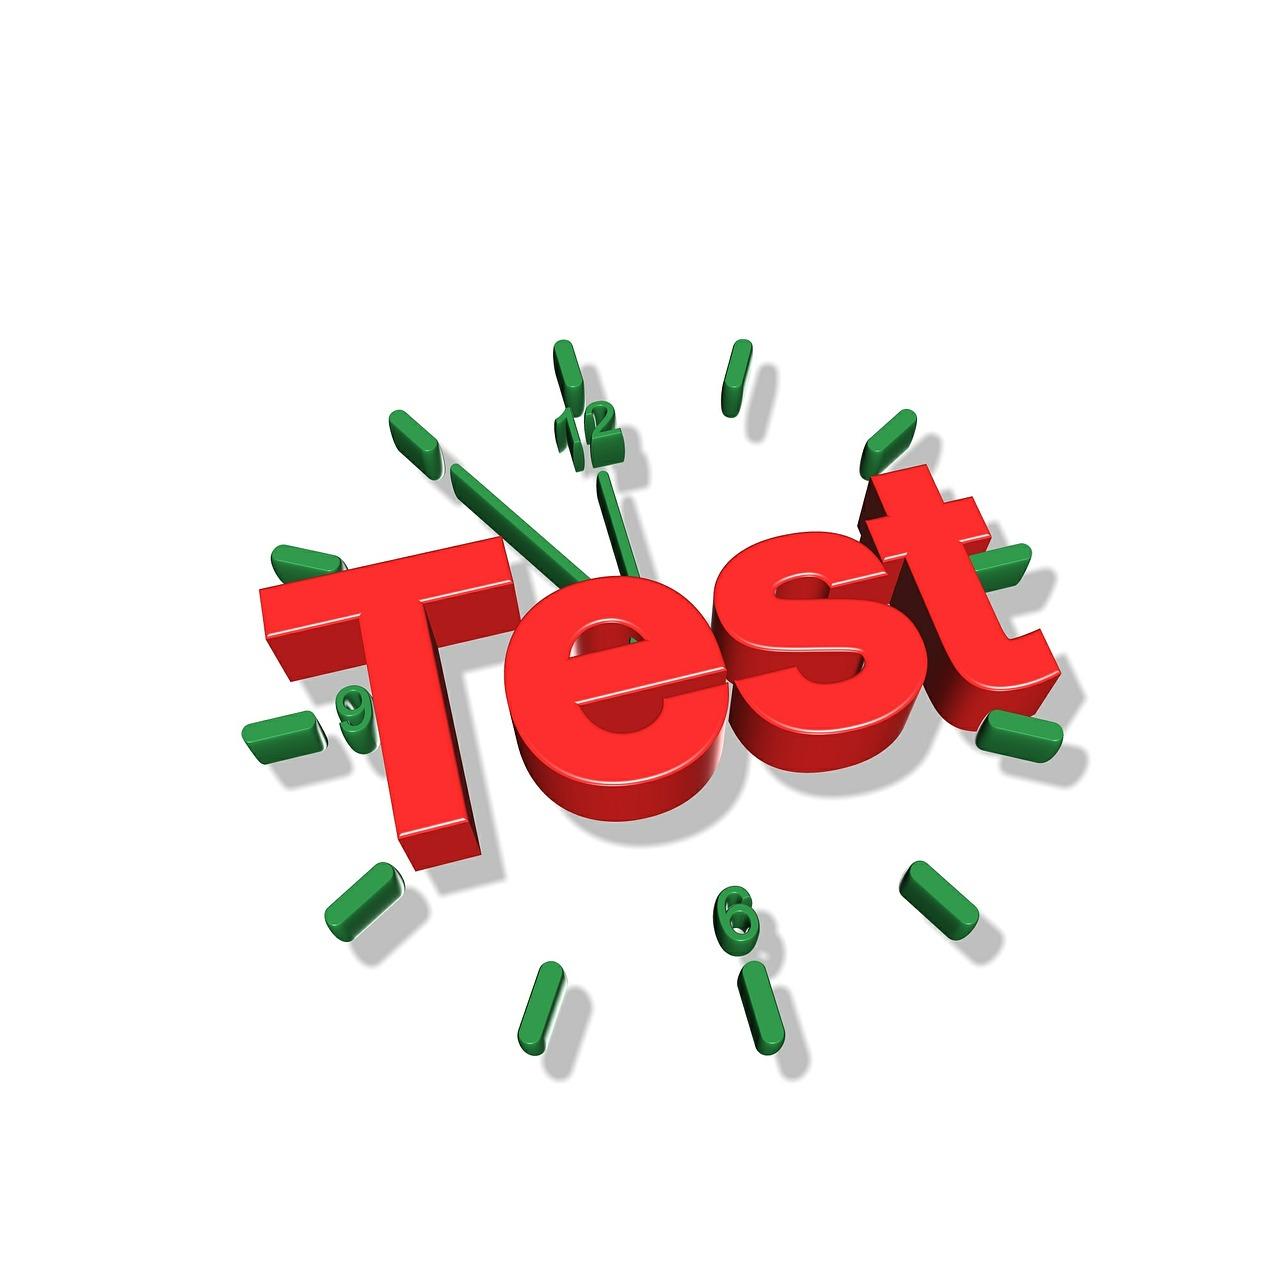 Produkt-Tester.Eu   ->   Ihr Fachmann für Produkte zu testen!